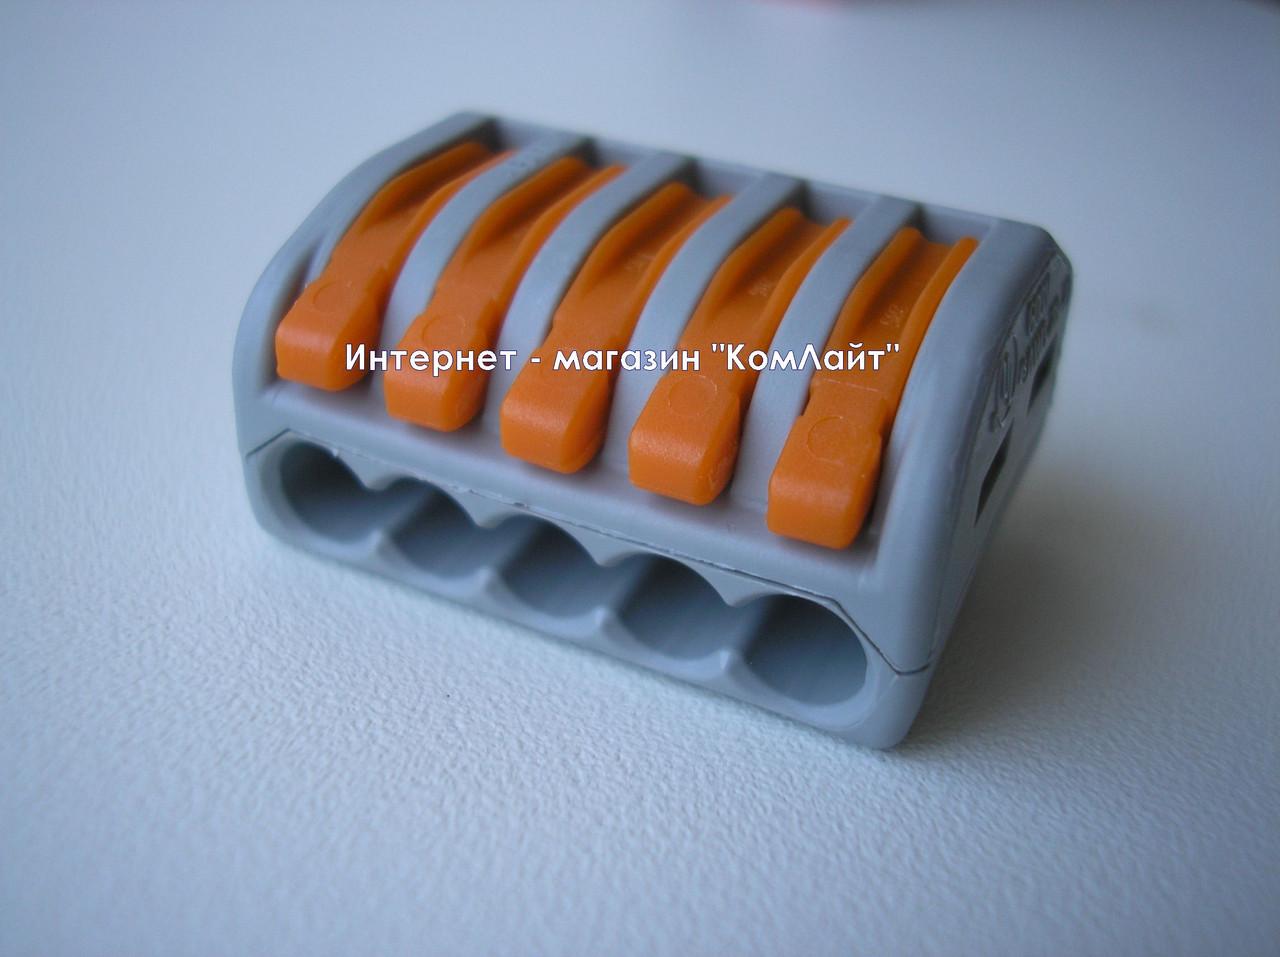 Клемма WAGO 222-415 на 5 проводов 0,08-2,5мм (Германия)